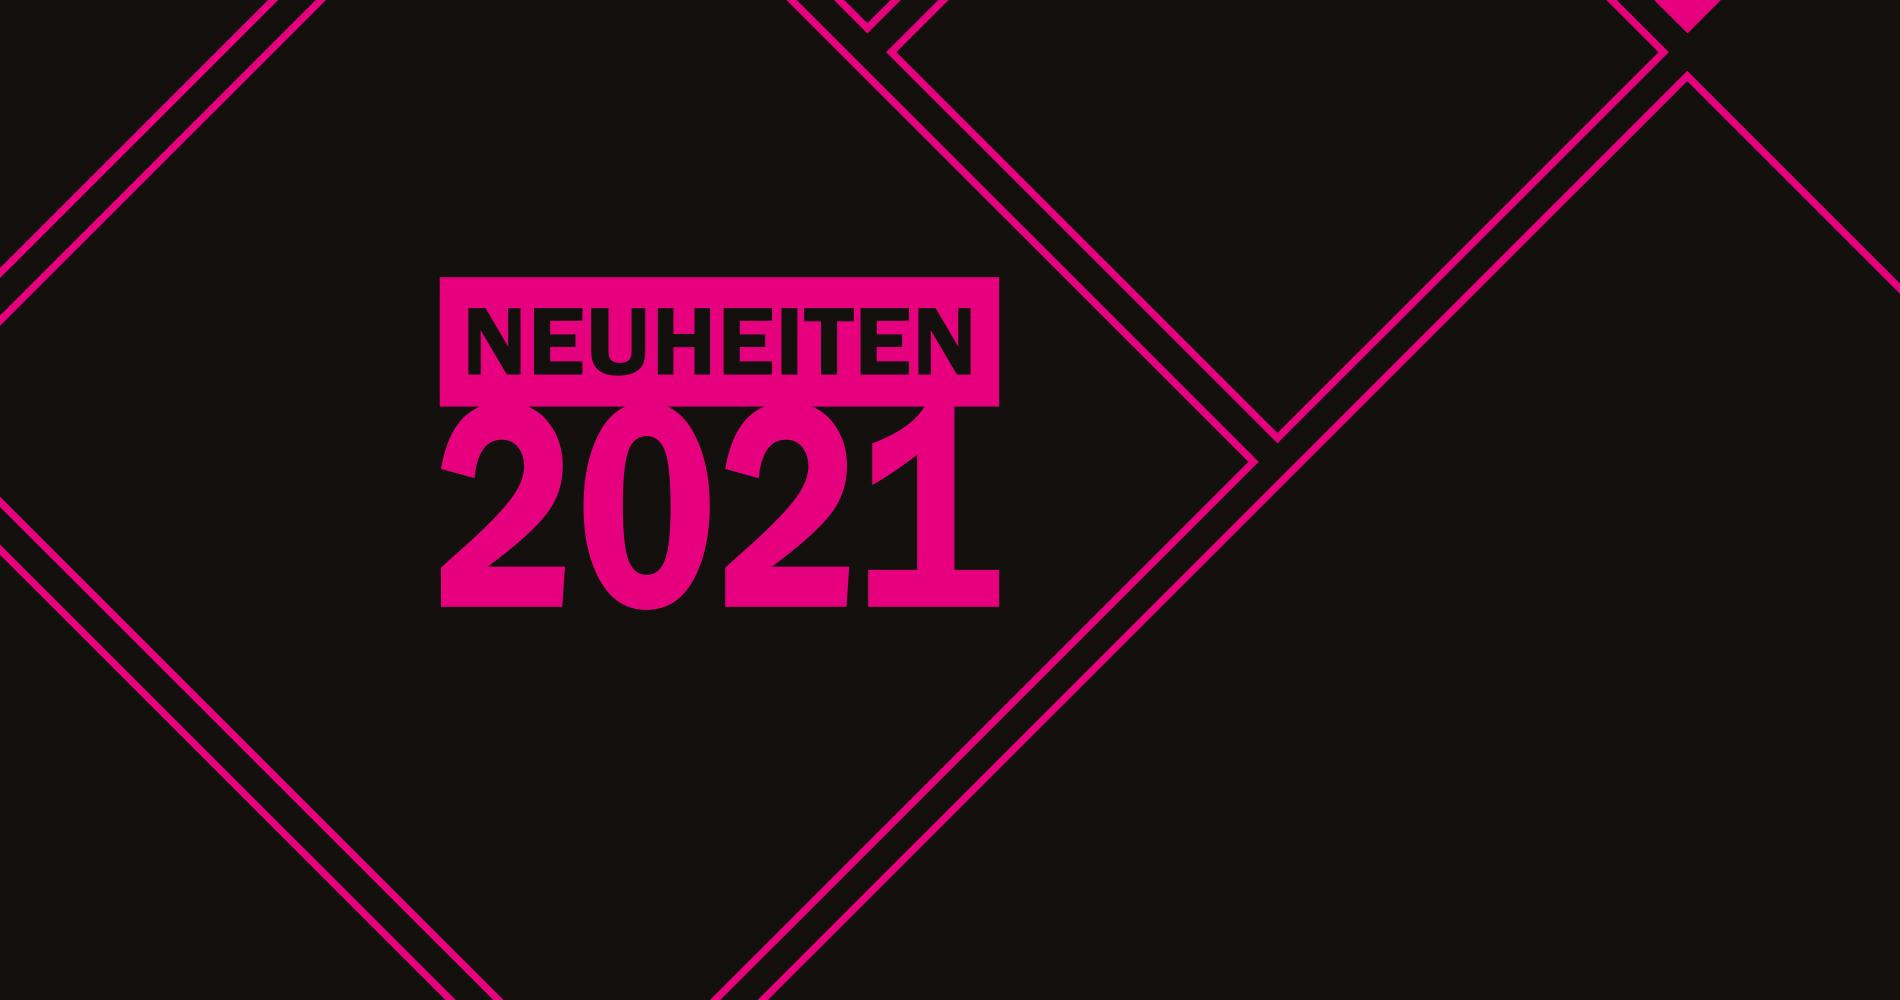 NEUHEITEN-VIDEO 2021 - HIER KLICKEN